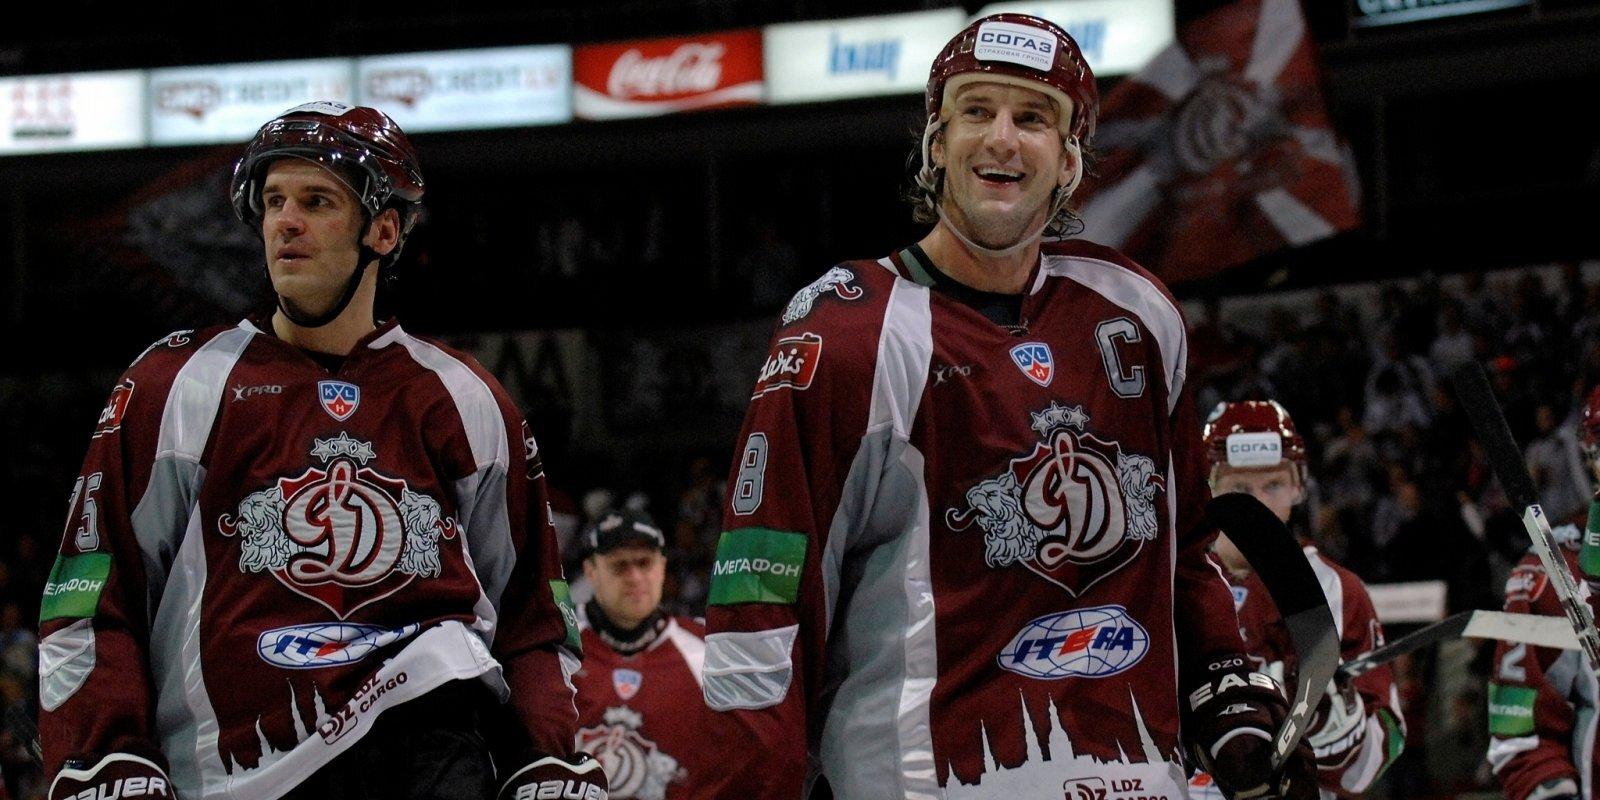 Izcilās komandas: 'Dinamo' jēri pārtop vilkos un nokož Pēterburgas miljonārus